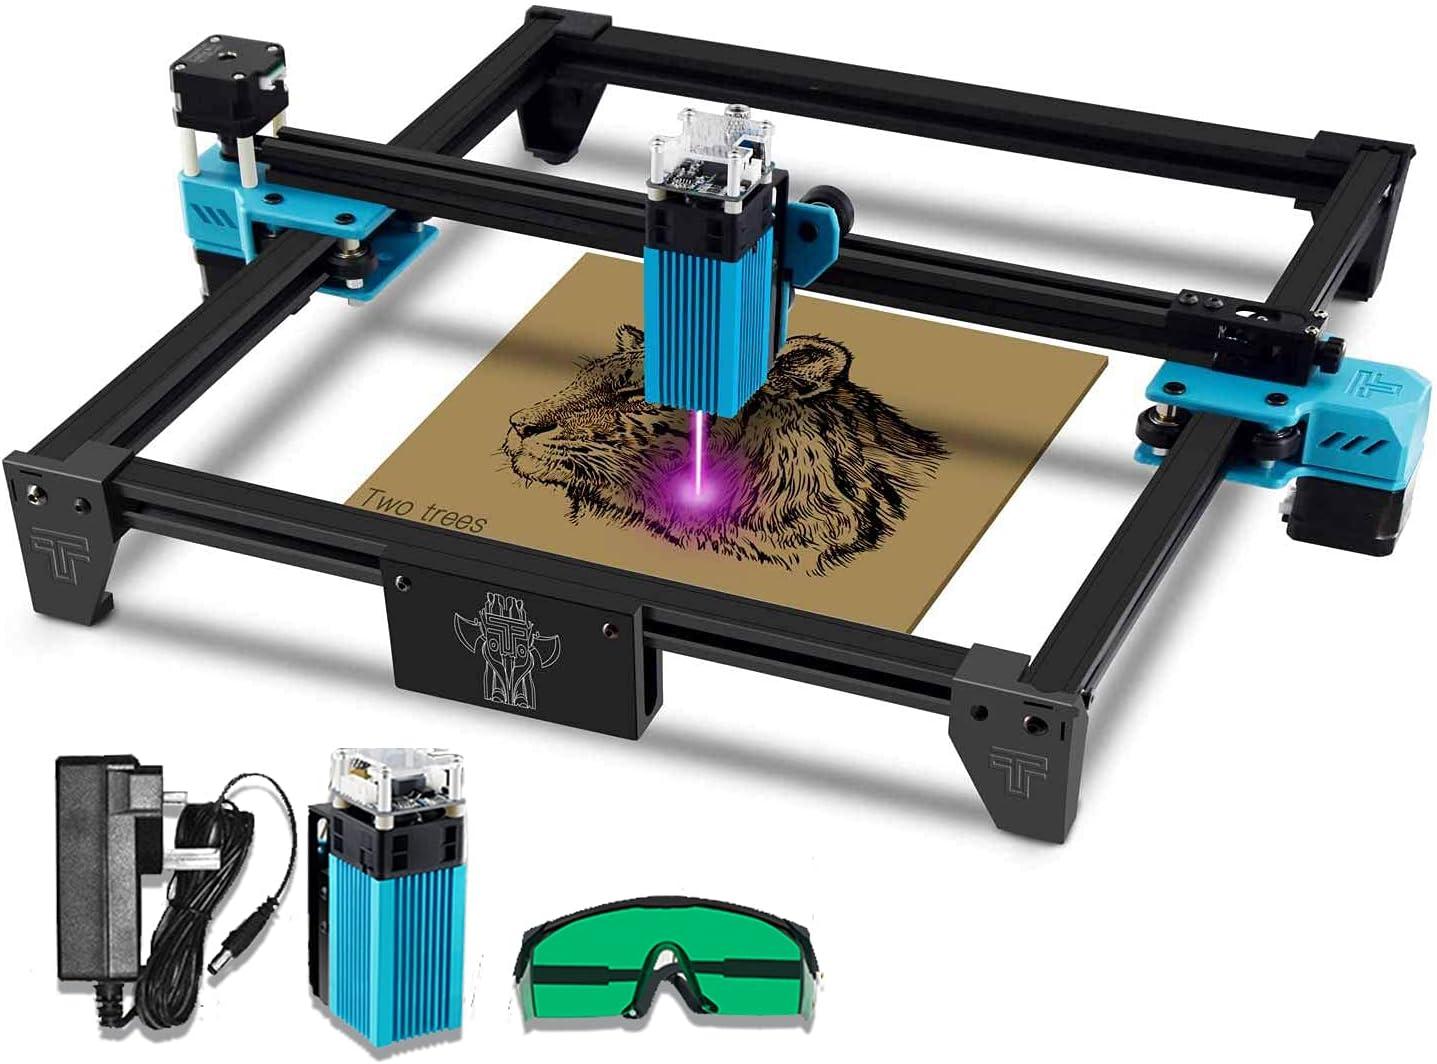 TotemS Máquina grabadora láser 40W Grabado CNC 300 x 300 mm Protección ocular con gafas protectoras para madera Metal Plástico Bambú Cuero